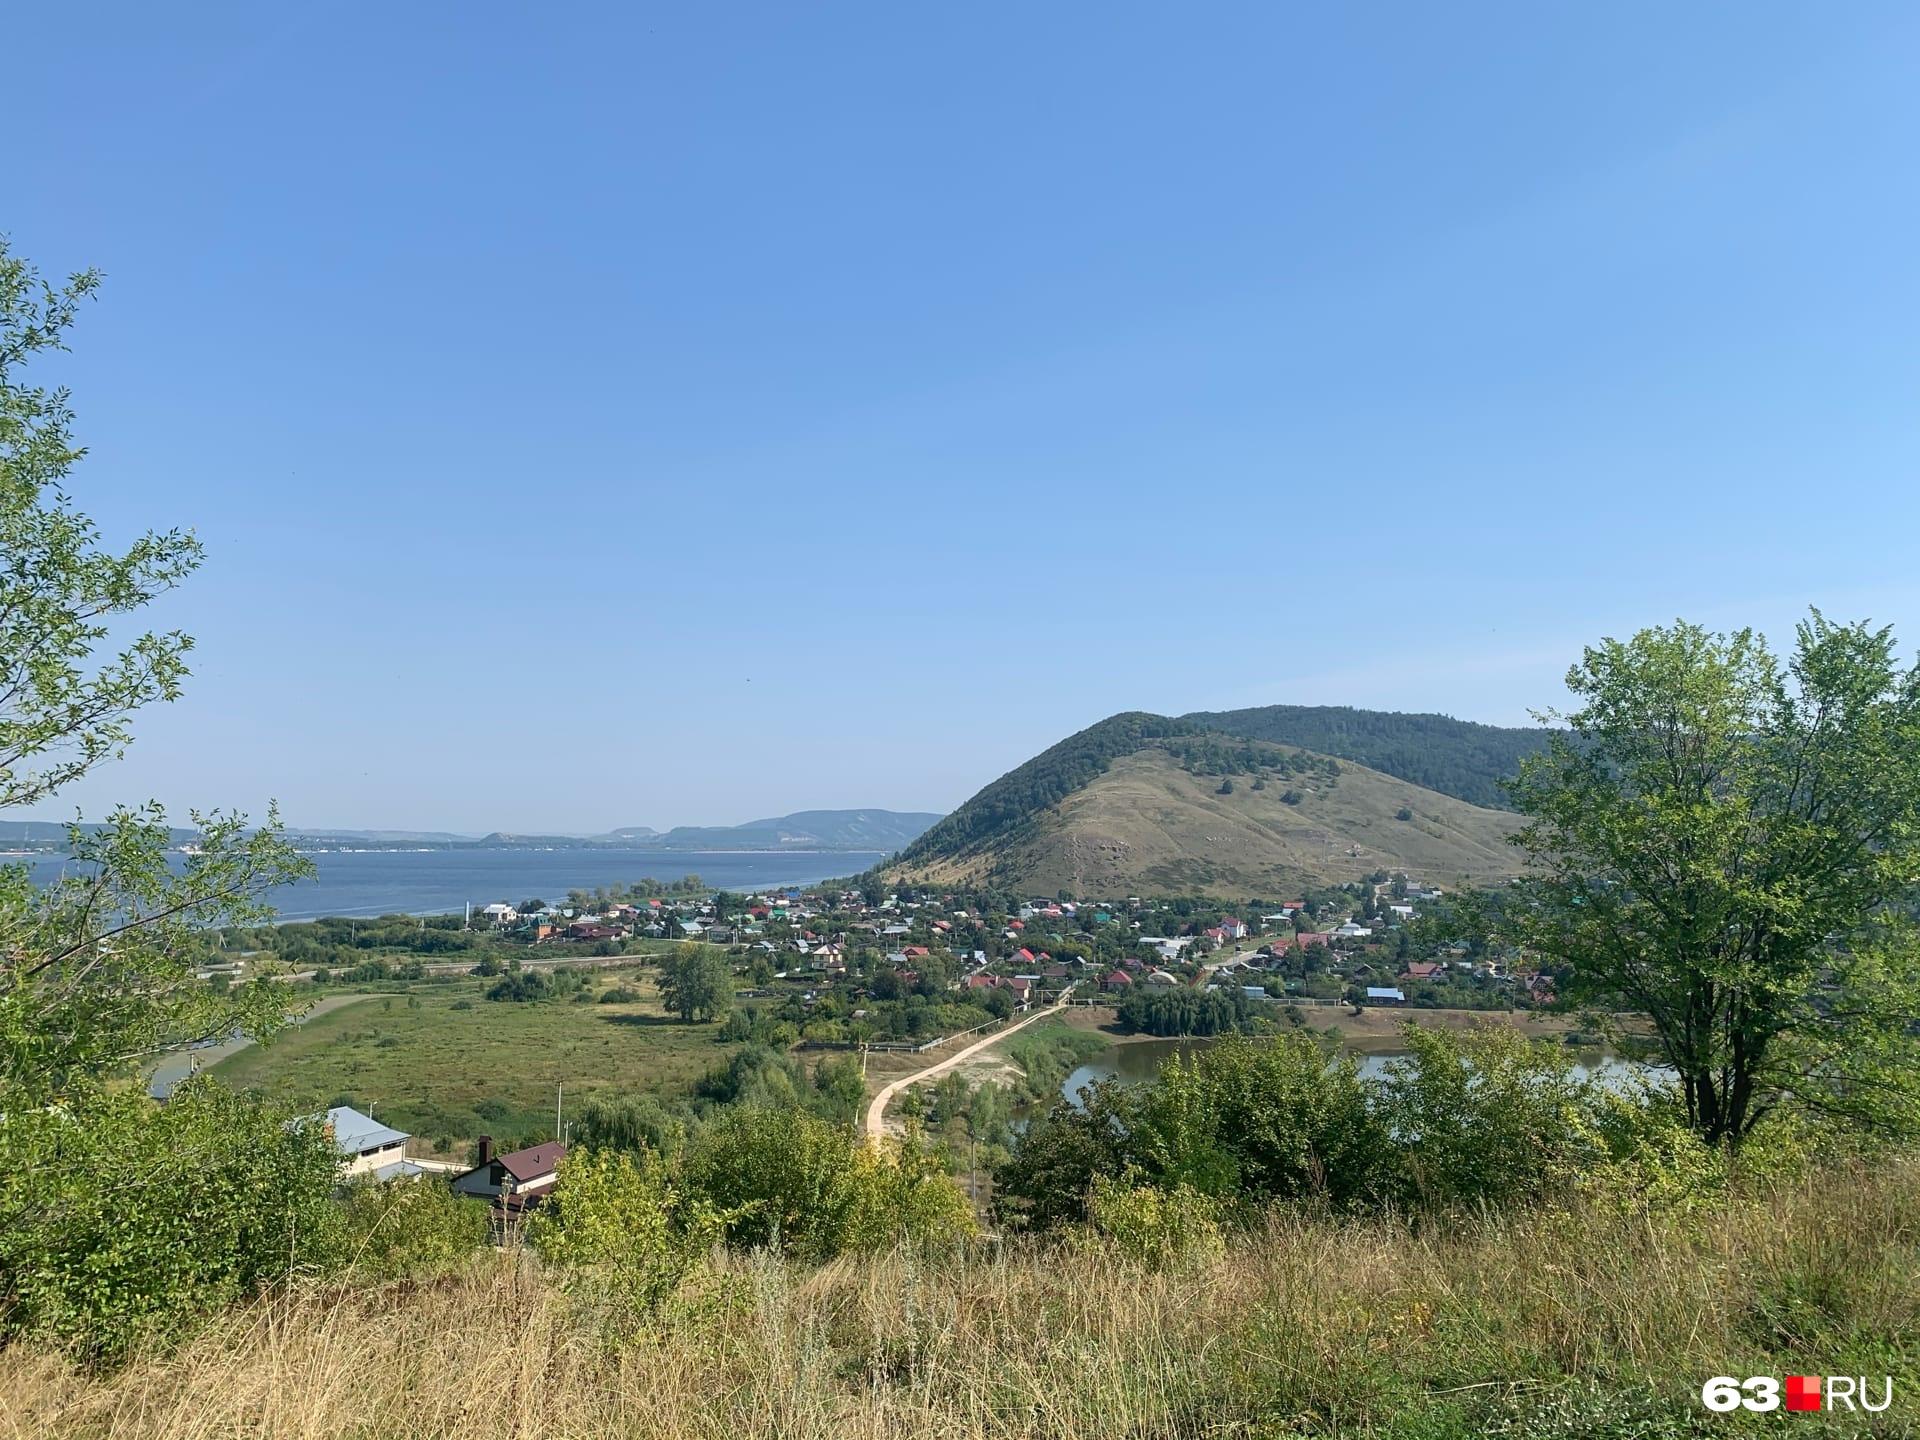 Вид на Монастырскую гору и село